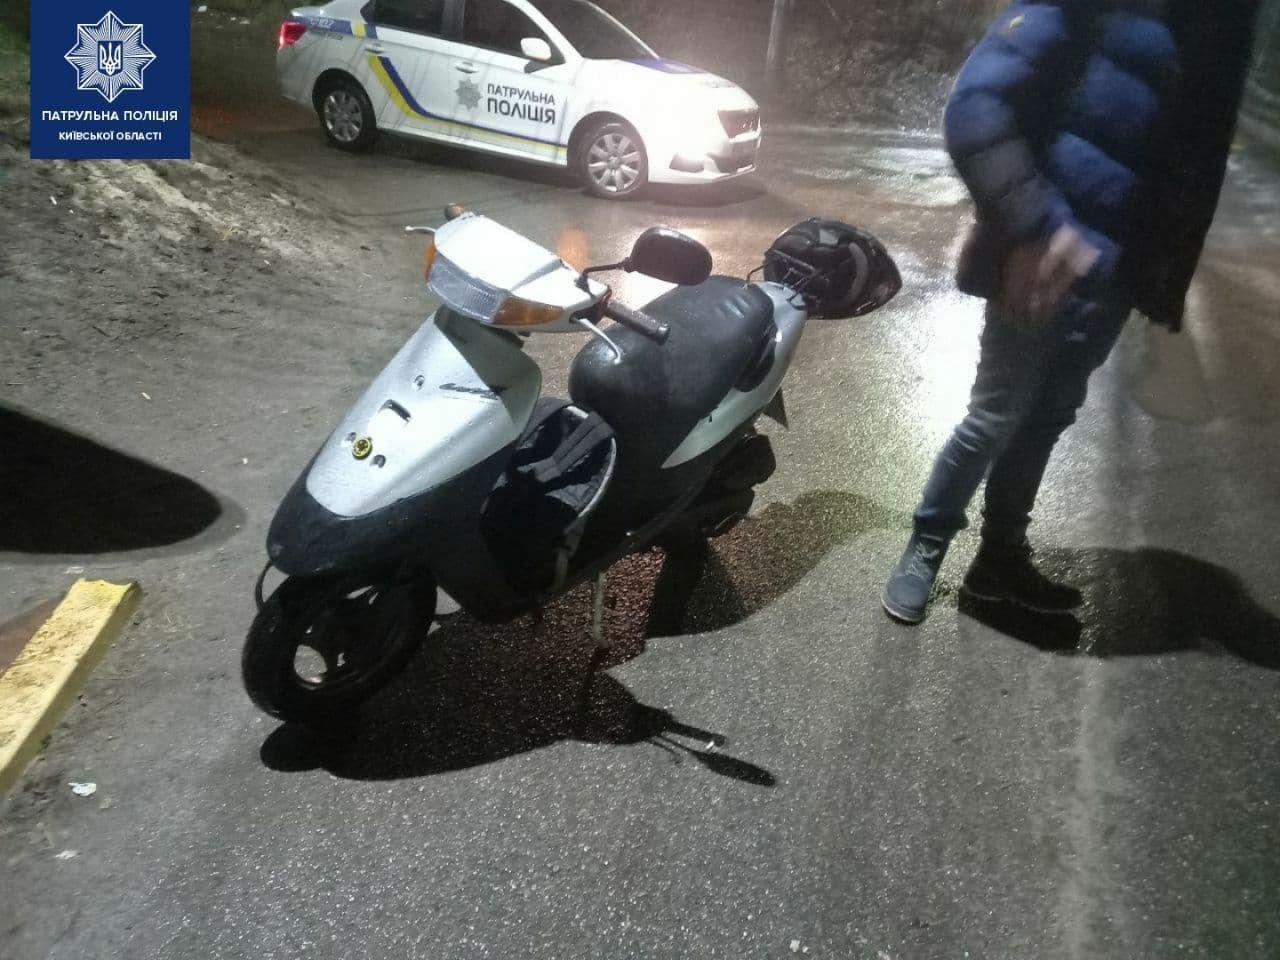 У Борисполі водій зізнався поліцейським, що має наркотики - Поліція, наркотики - 142966019 2001789996661250 4562479390890222628 o